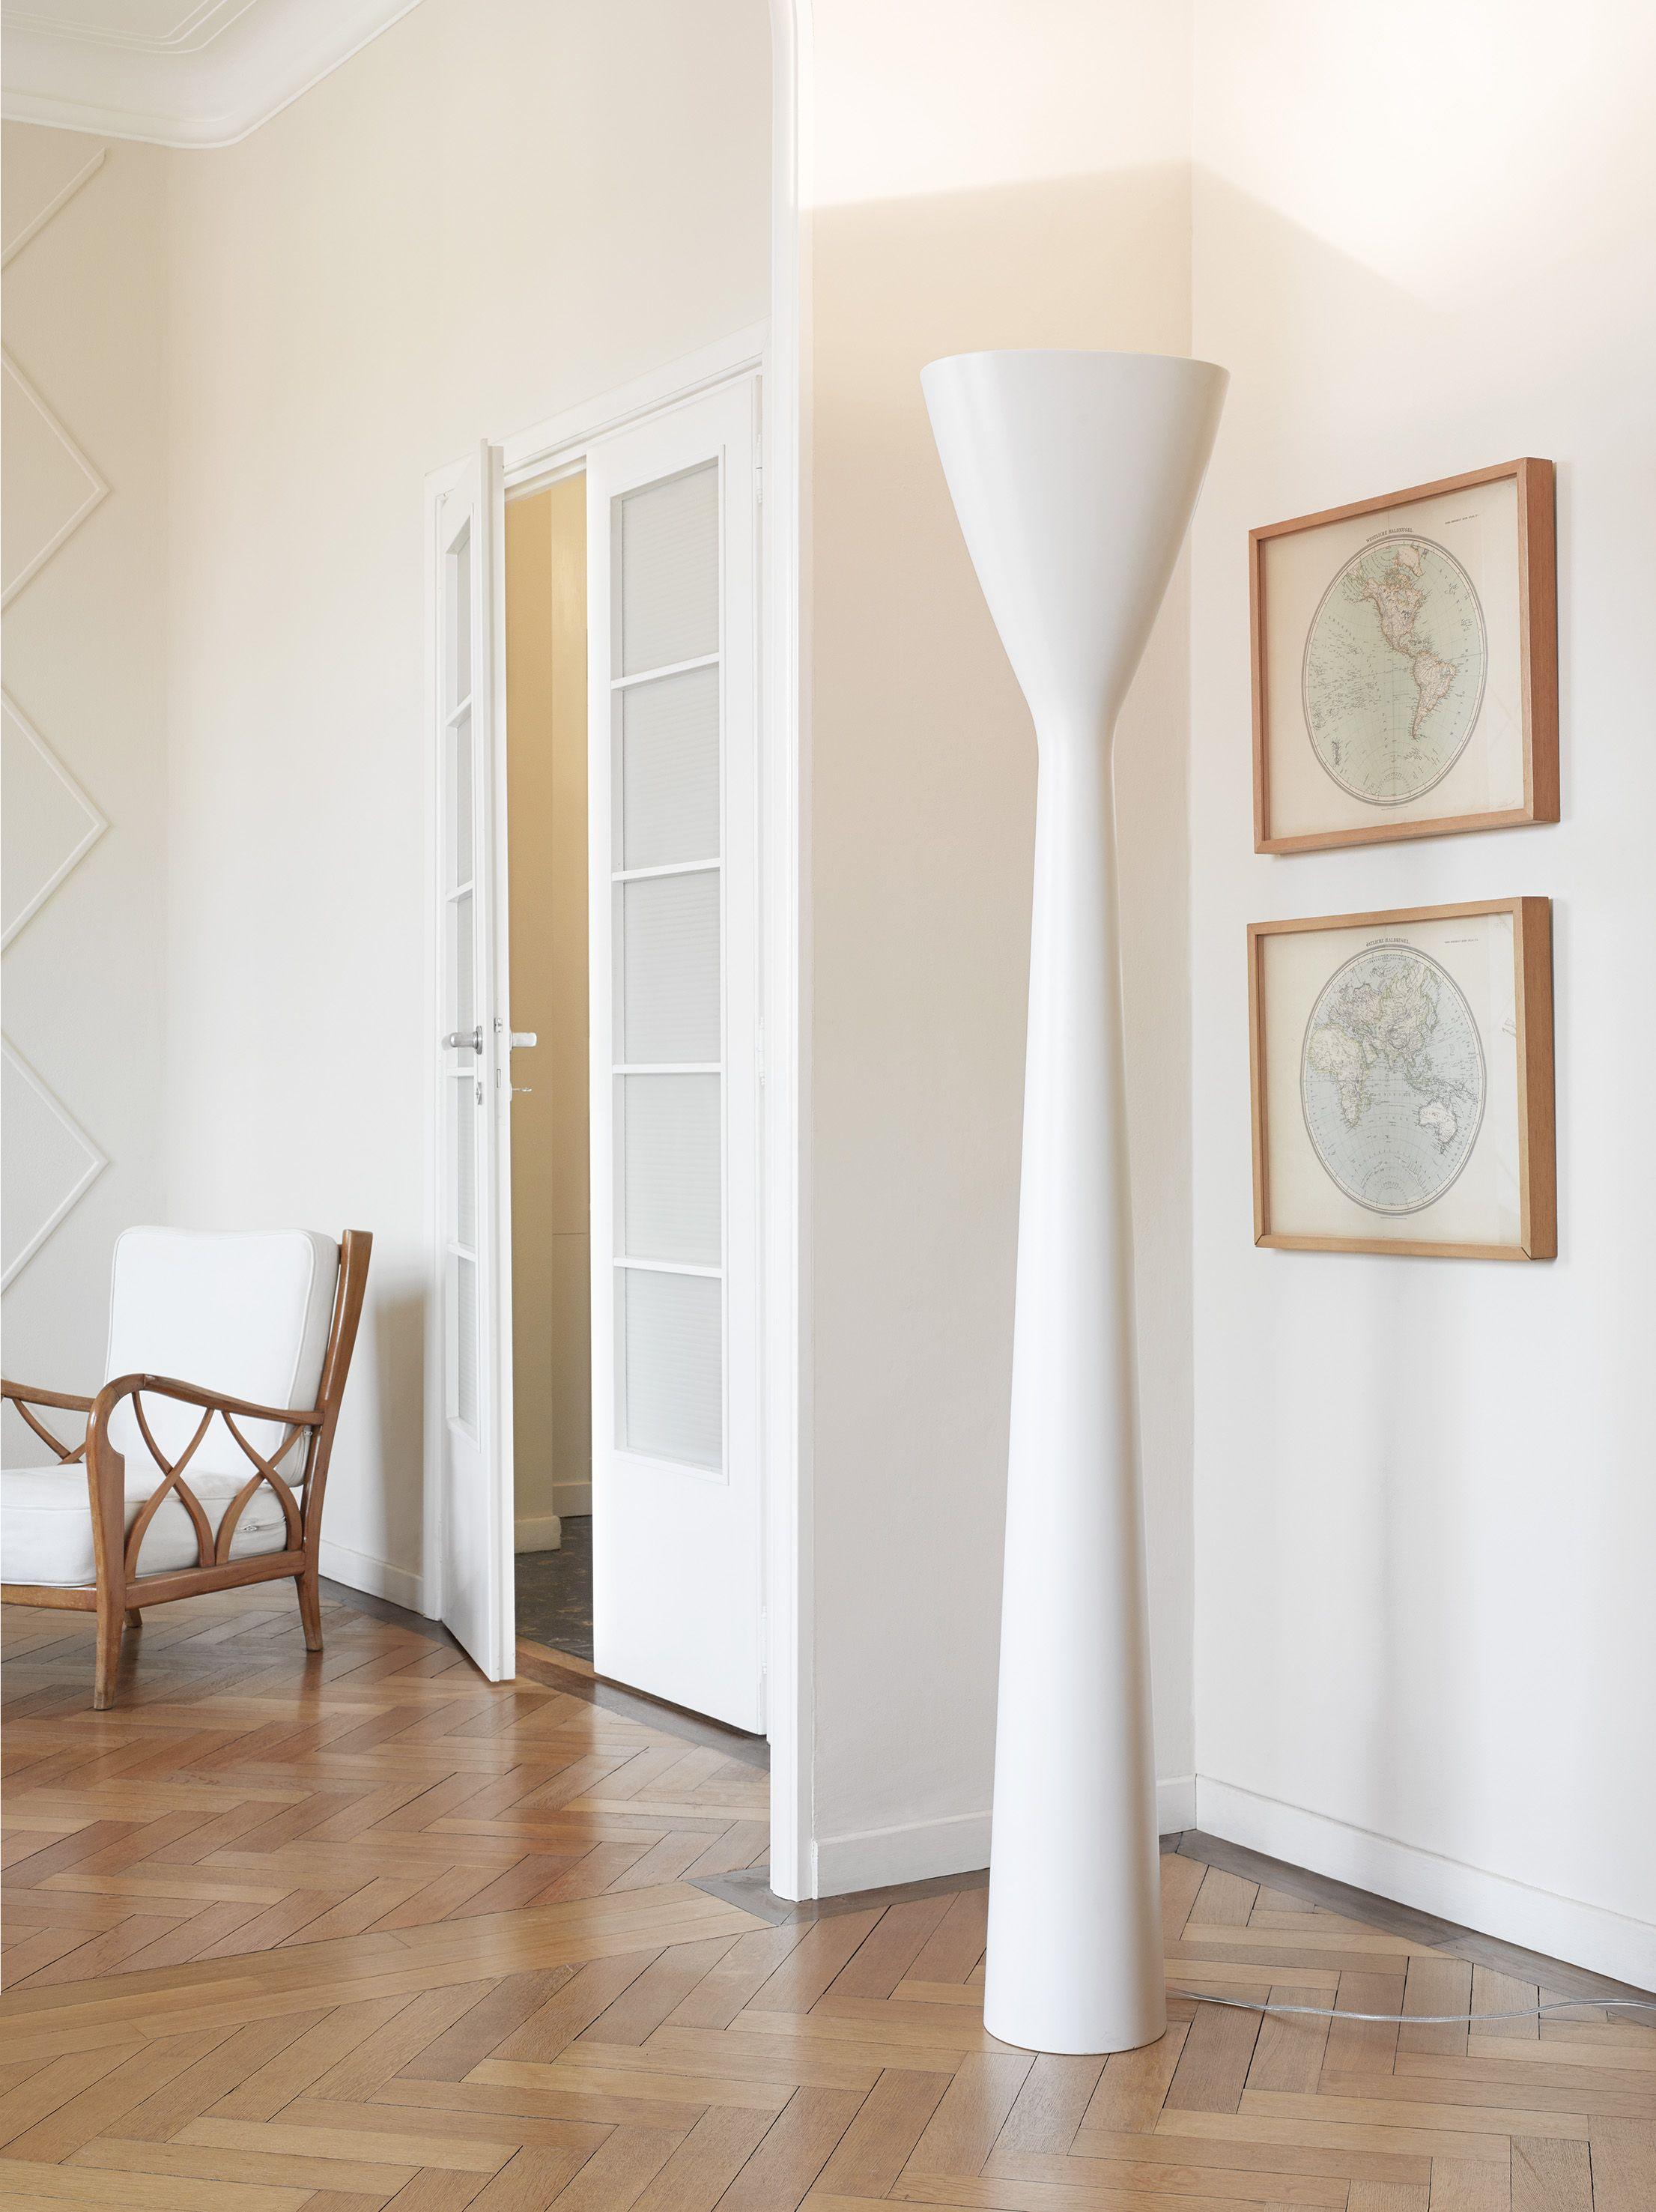 Home-office-innenarchitektur ideen carrara floorlamp ceplanprodotticarrara